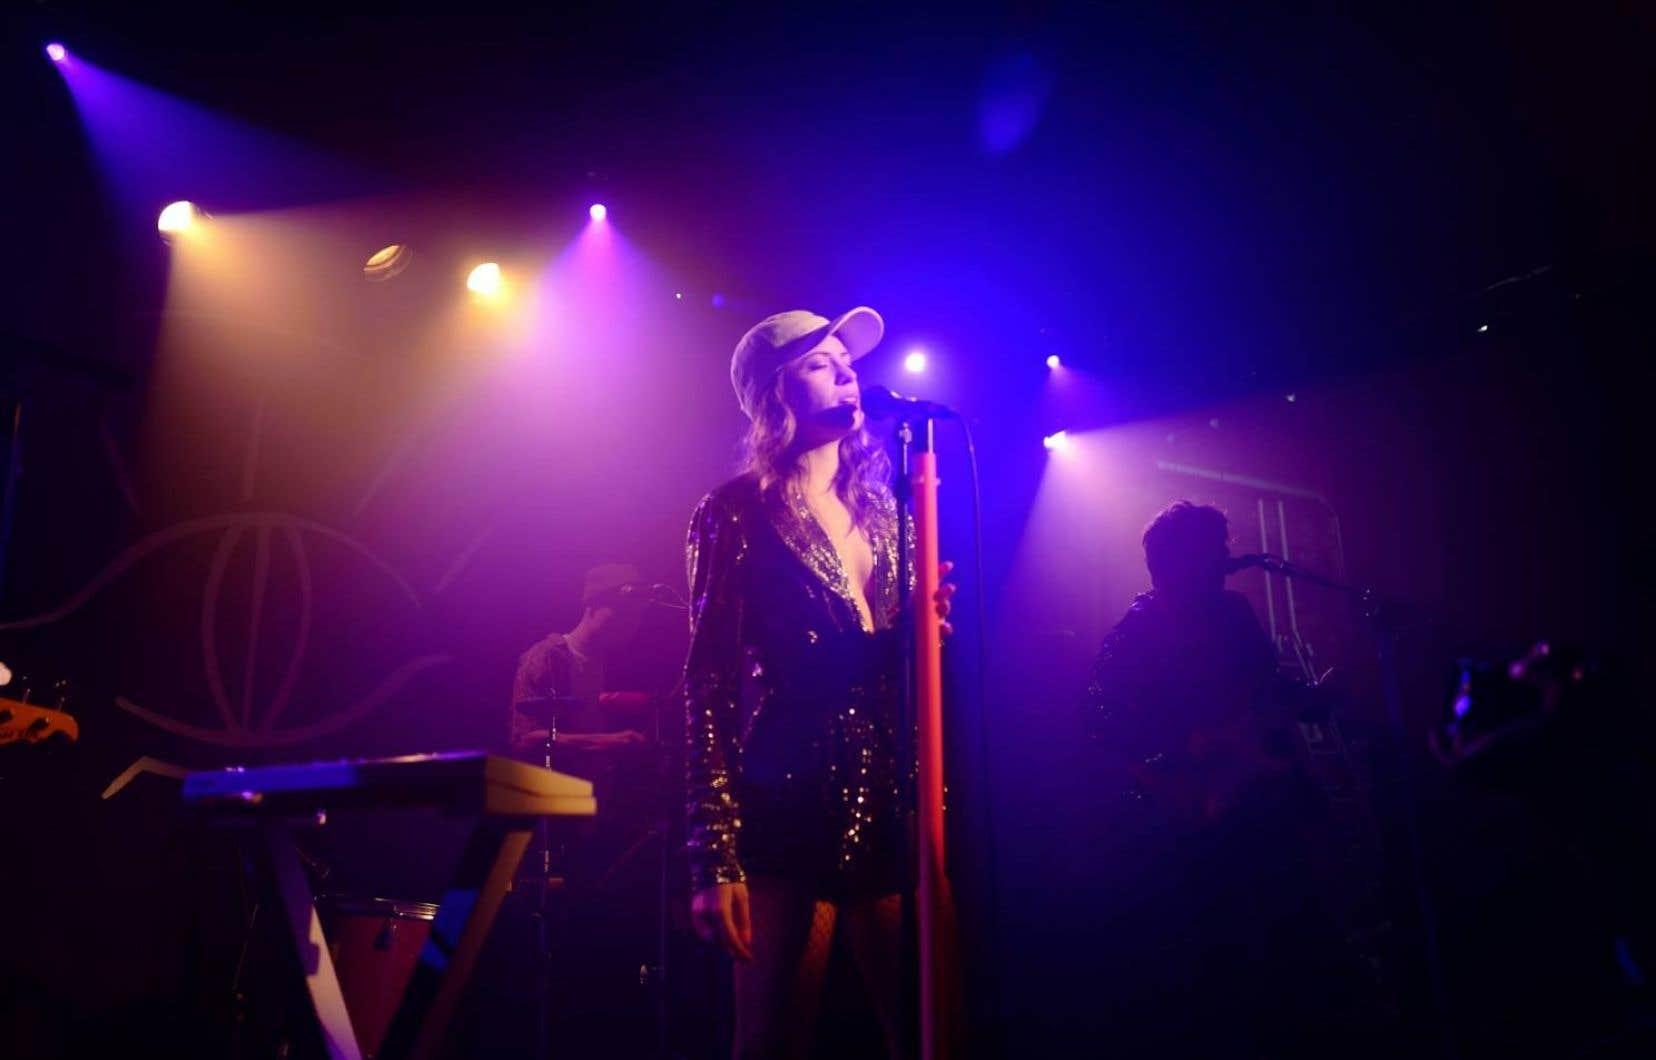 La casquette souvent vissée sur la tête, la jeune chanteuse française Alice Vanor joue du coude dans la chanson pop et électro du moment.